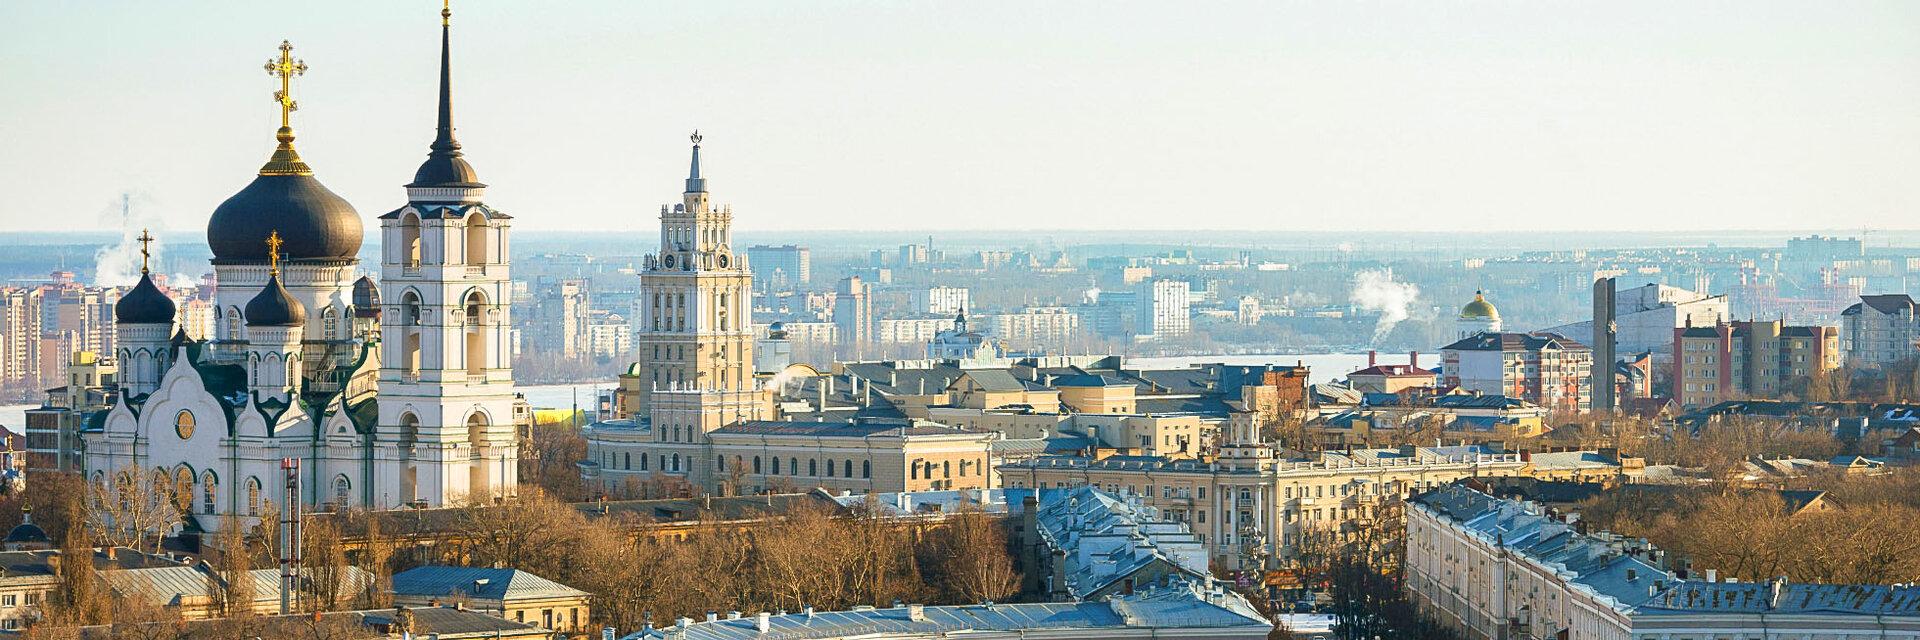 Поиск отелей в Воронеже